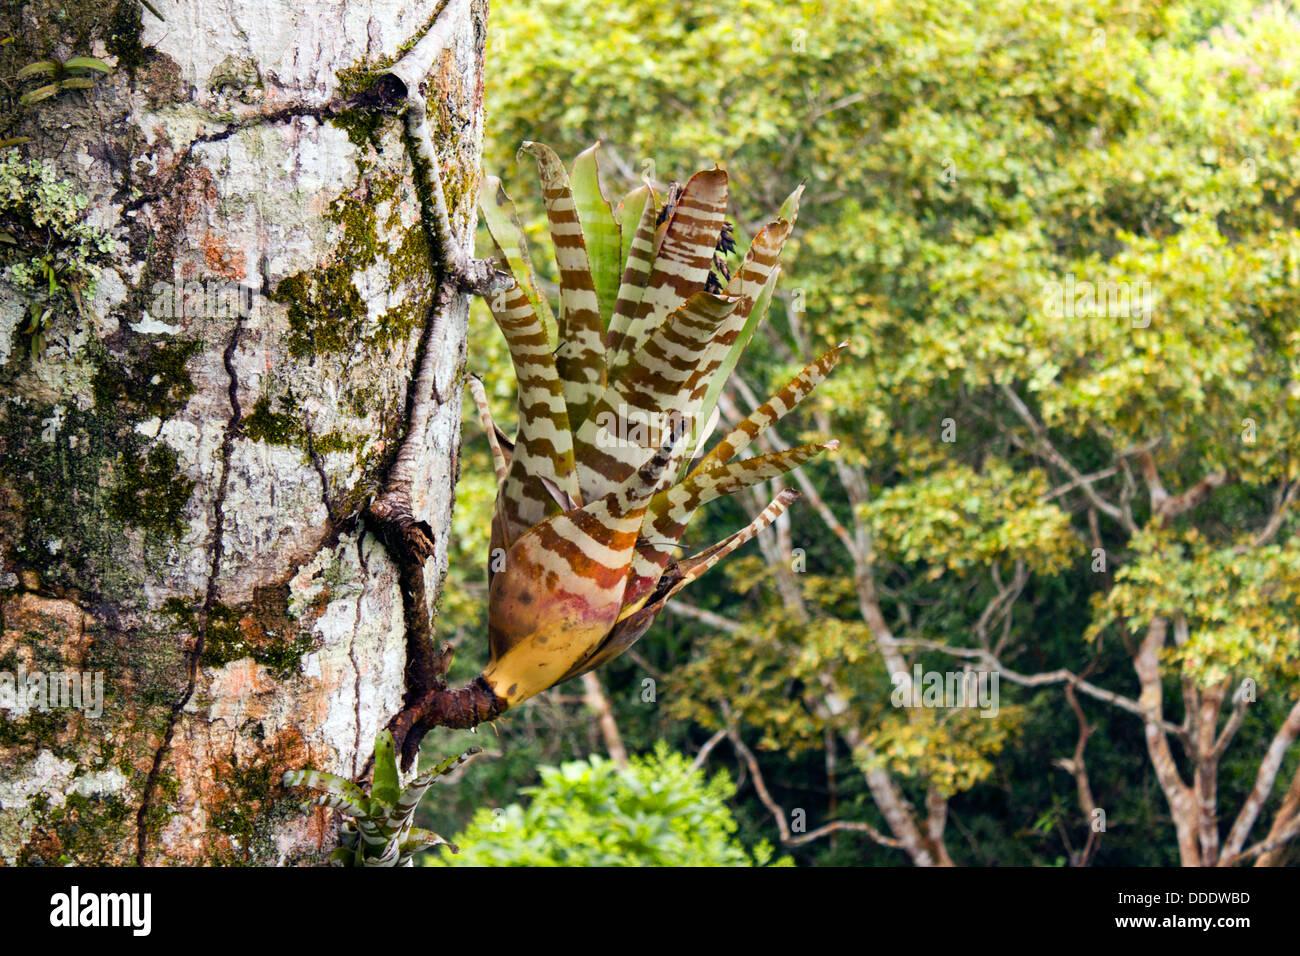 Bromeliad Aechmea Zebrina Growing On A Tree Trunk High